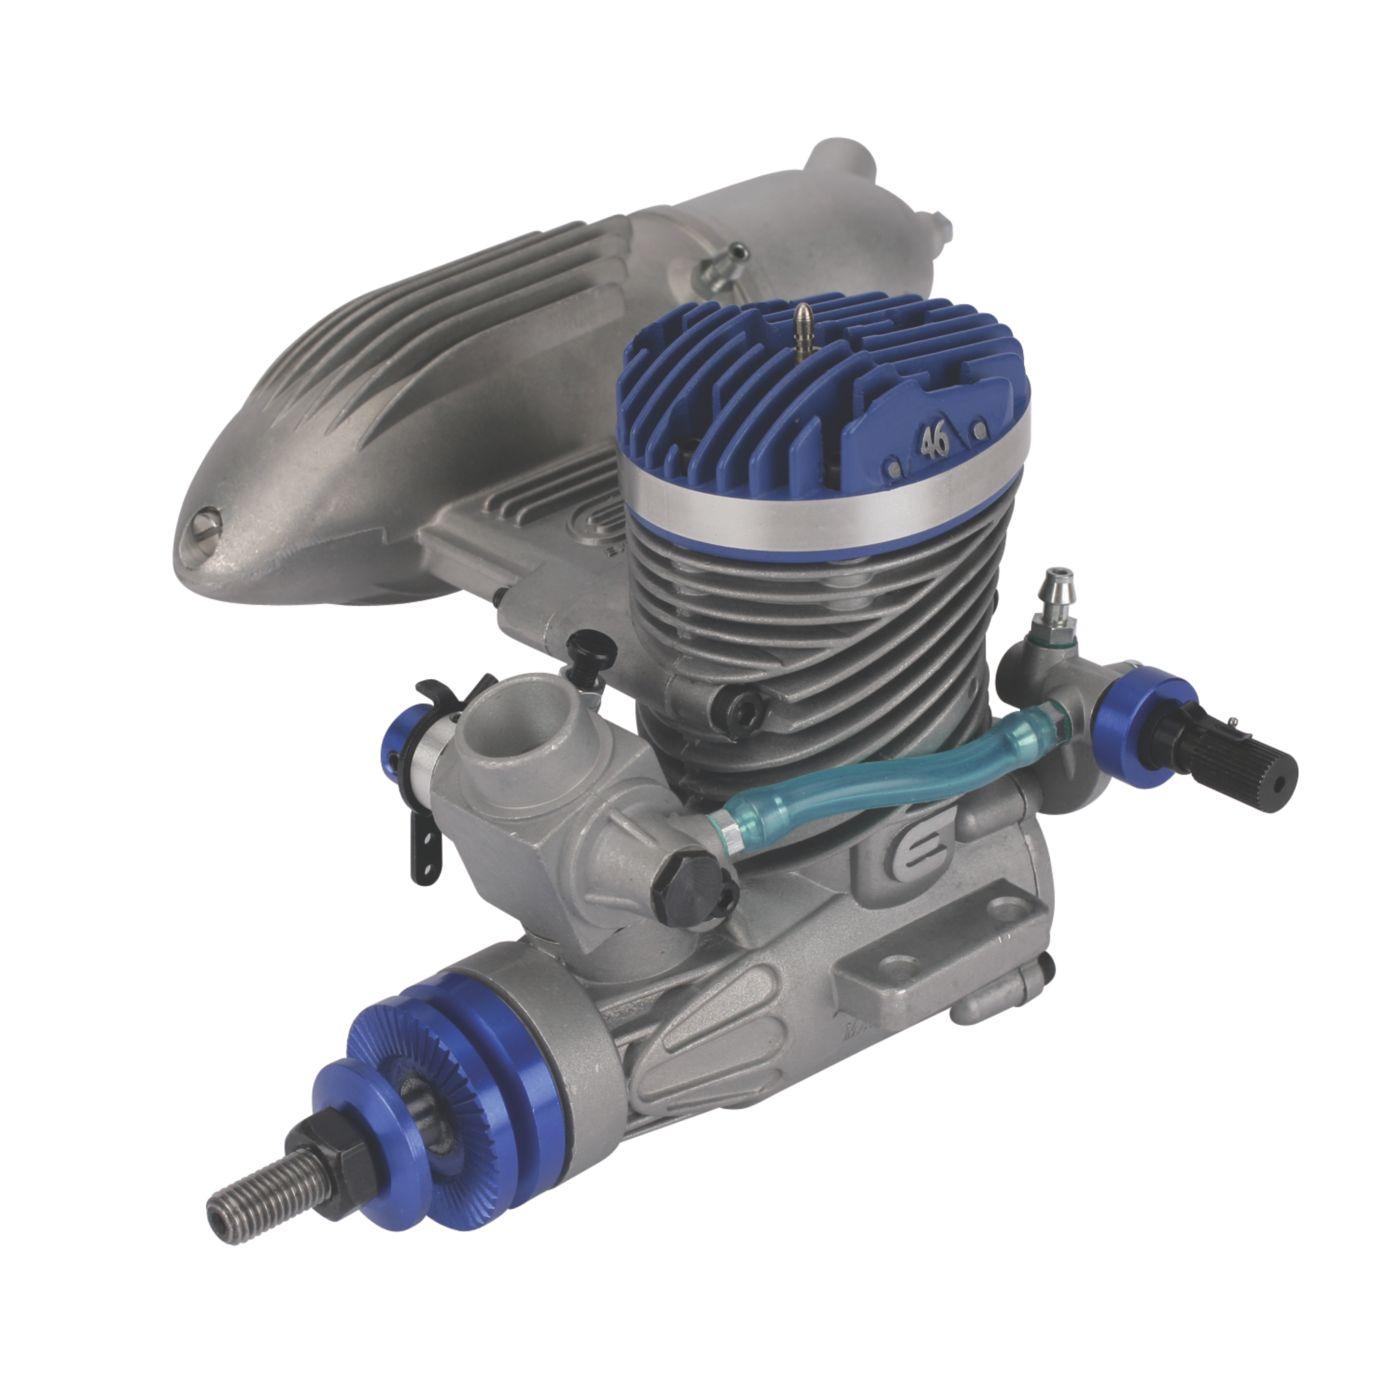 Evolution .46NX Glow Engine with Muffler | HorizonHobby